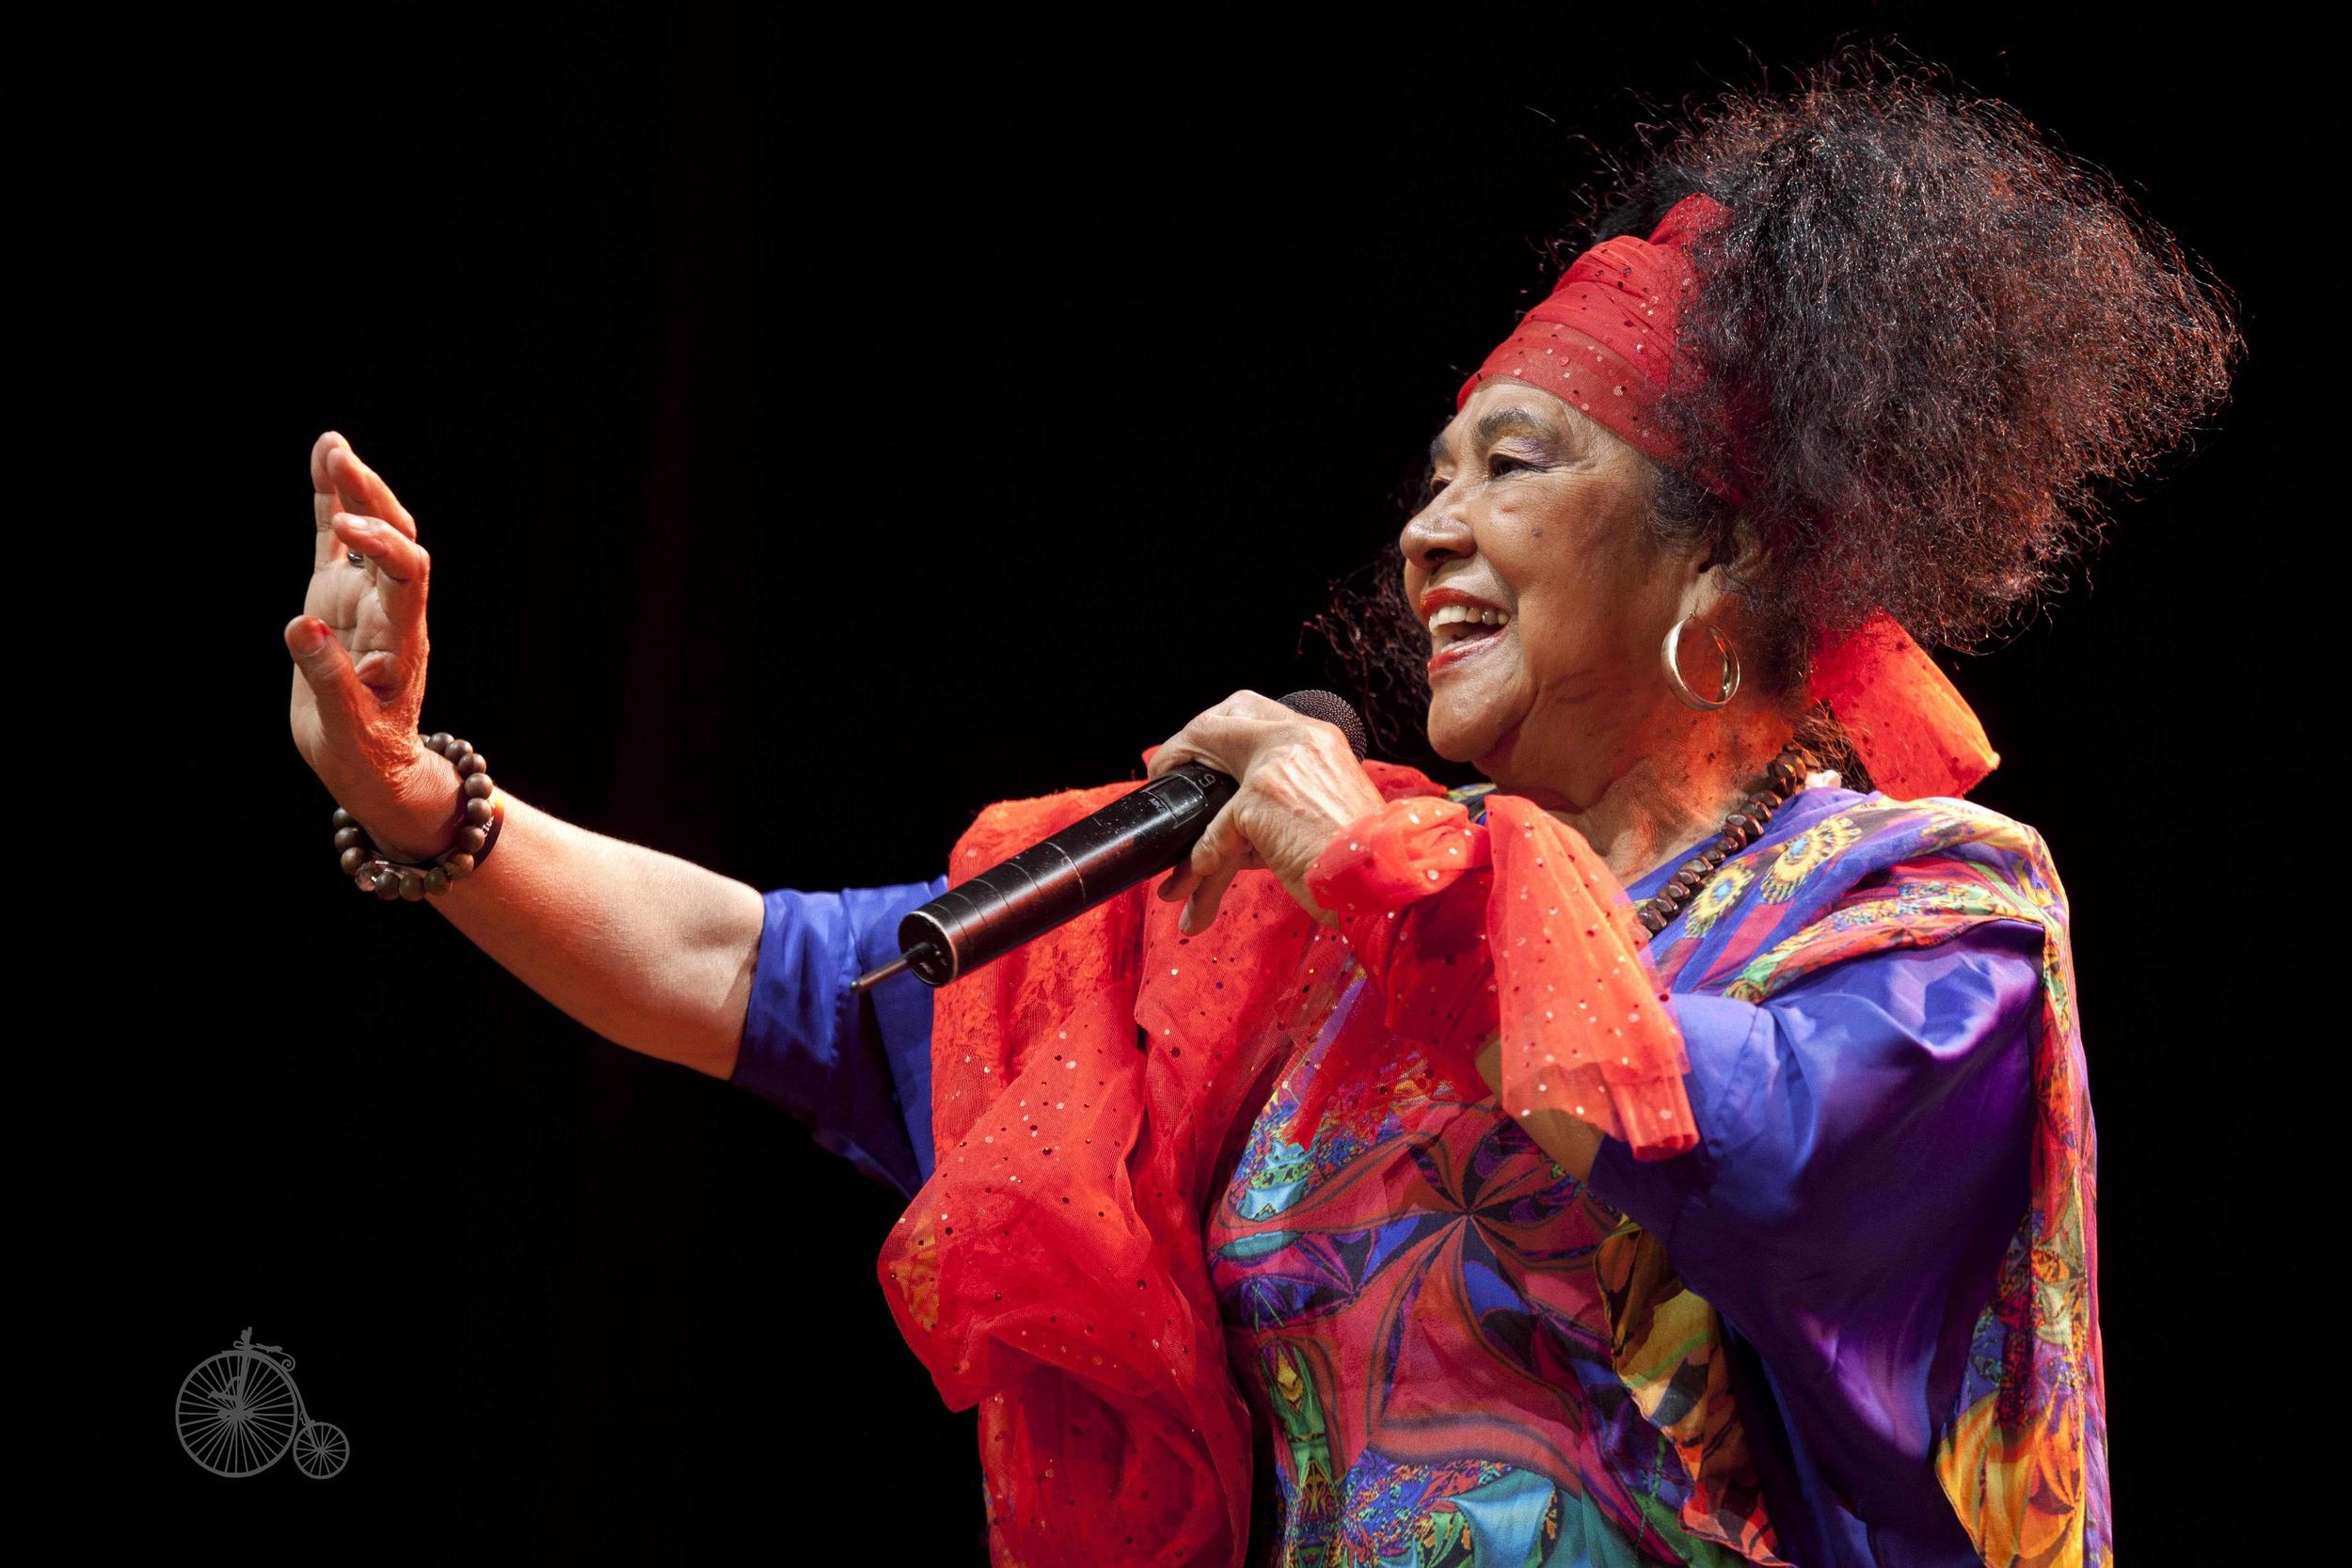 Cumbia-dronninga frå Colombia - Toto La Momposina tilbake til Førde etter 23 år!